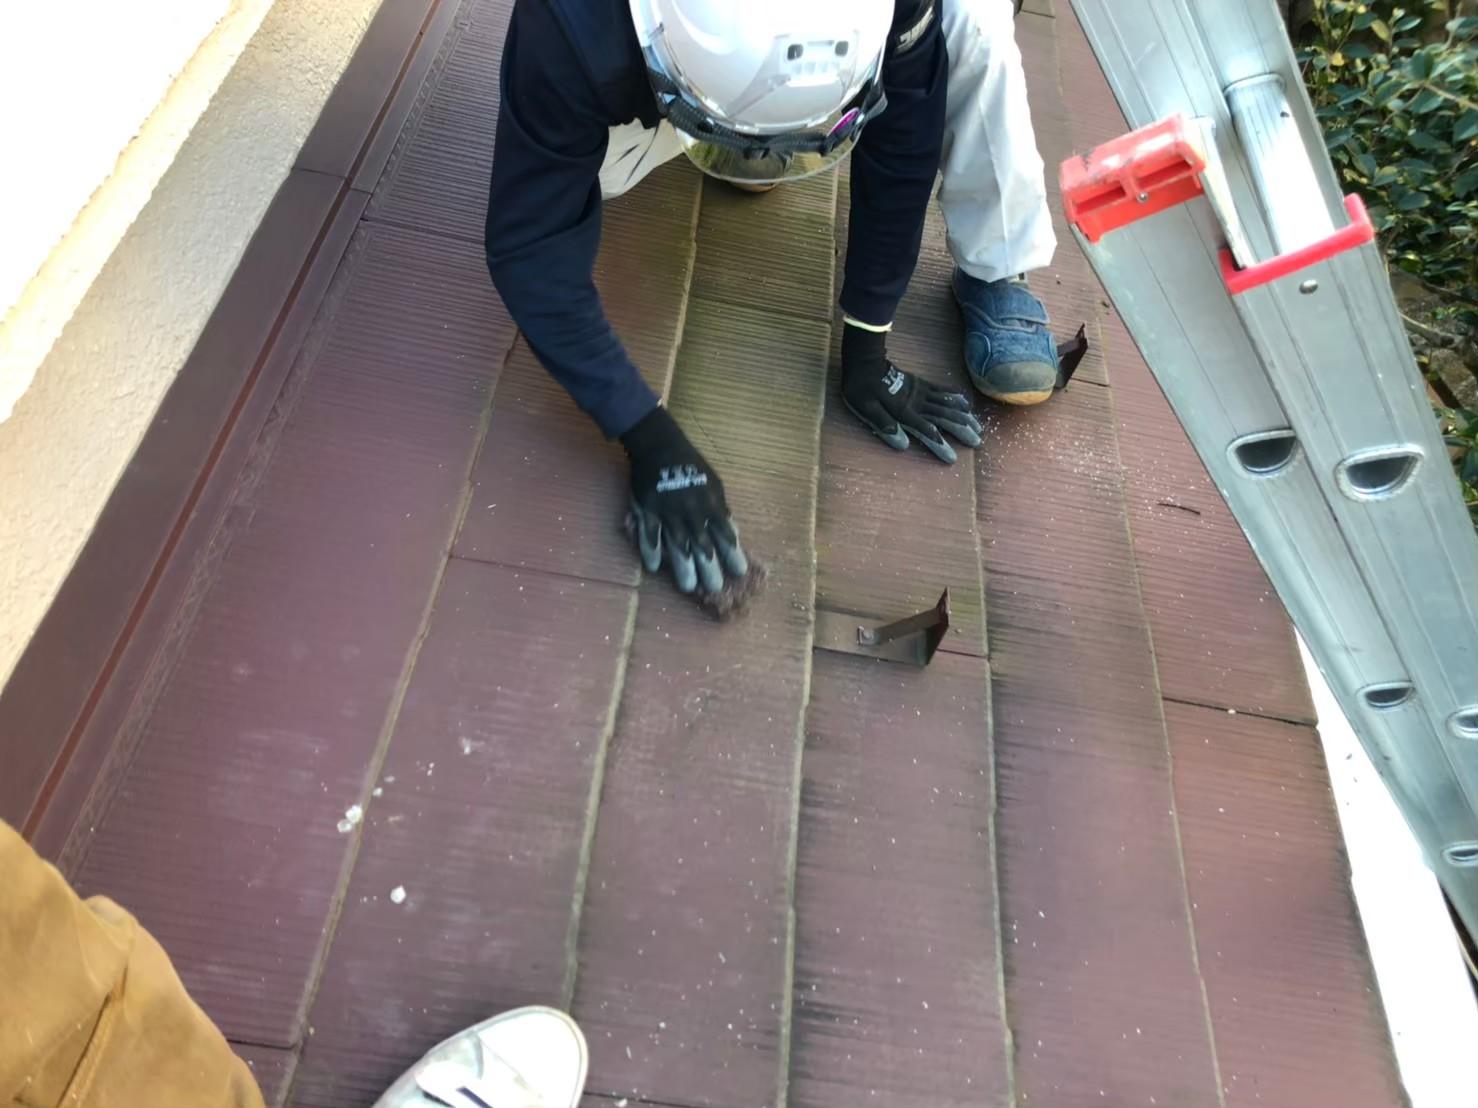 千葉県八千代市にて雨樋交換&屋根清掃実施しました!保険を使って実質負担なく工事完工!